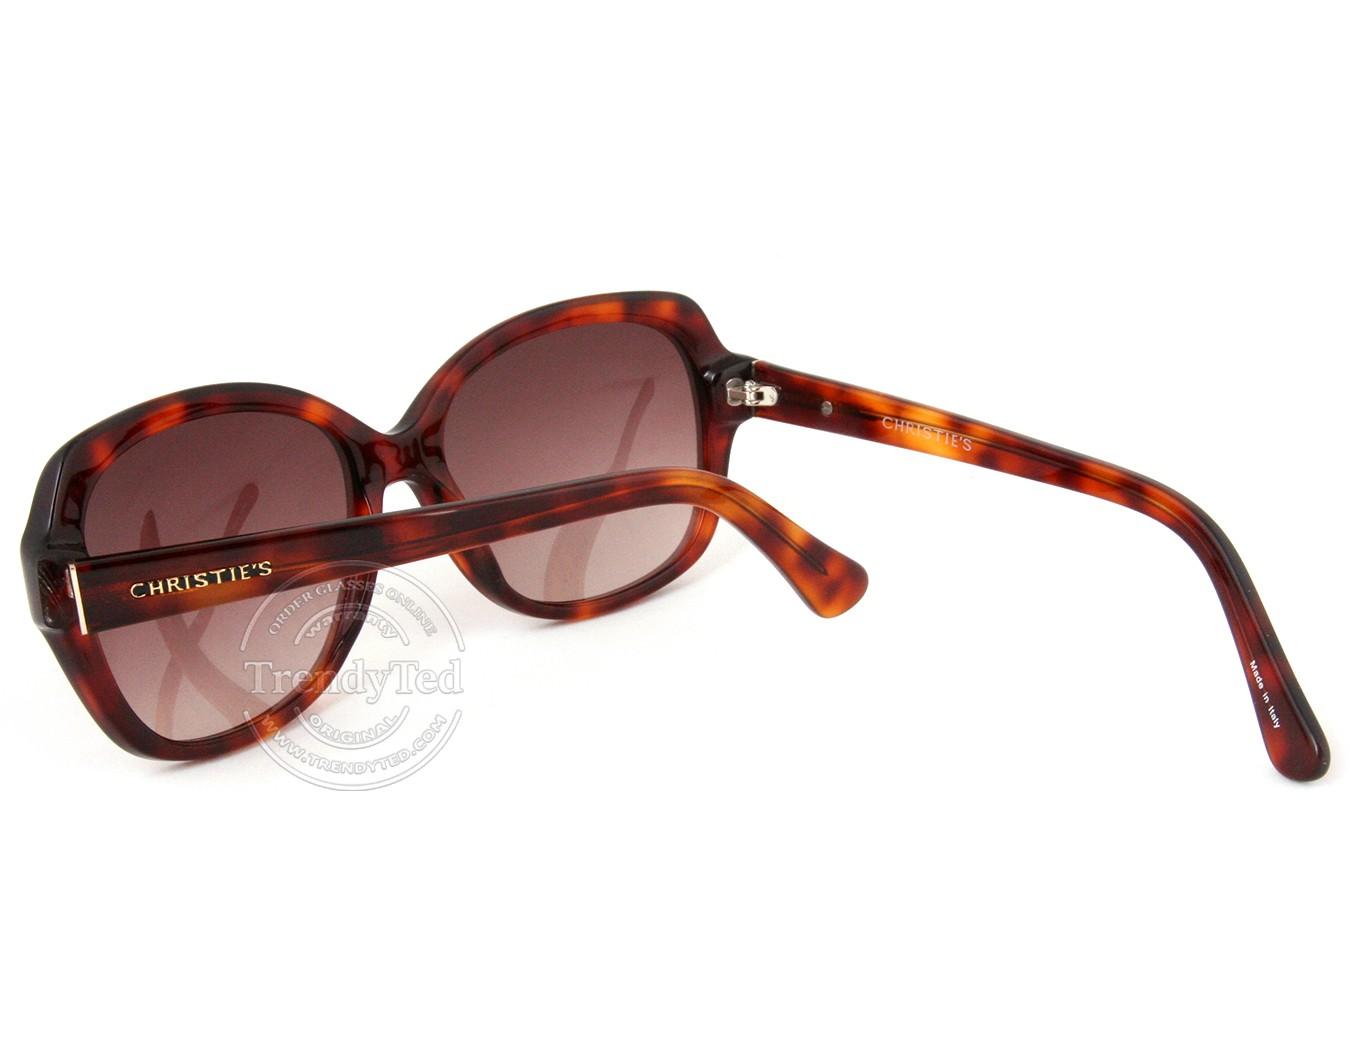 5ef67421717 ... GIORGIO ARMANI SUNGLASSES for women model 6005-B-Z color 3015 11 ...